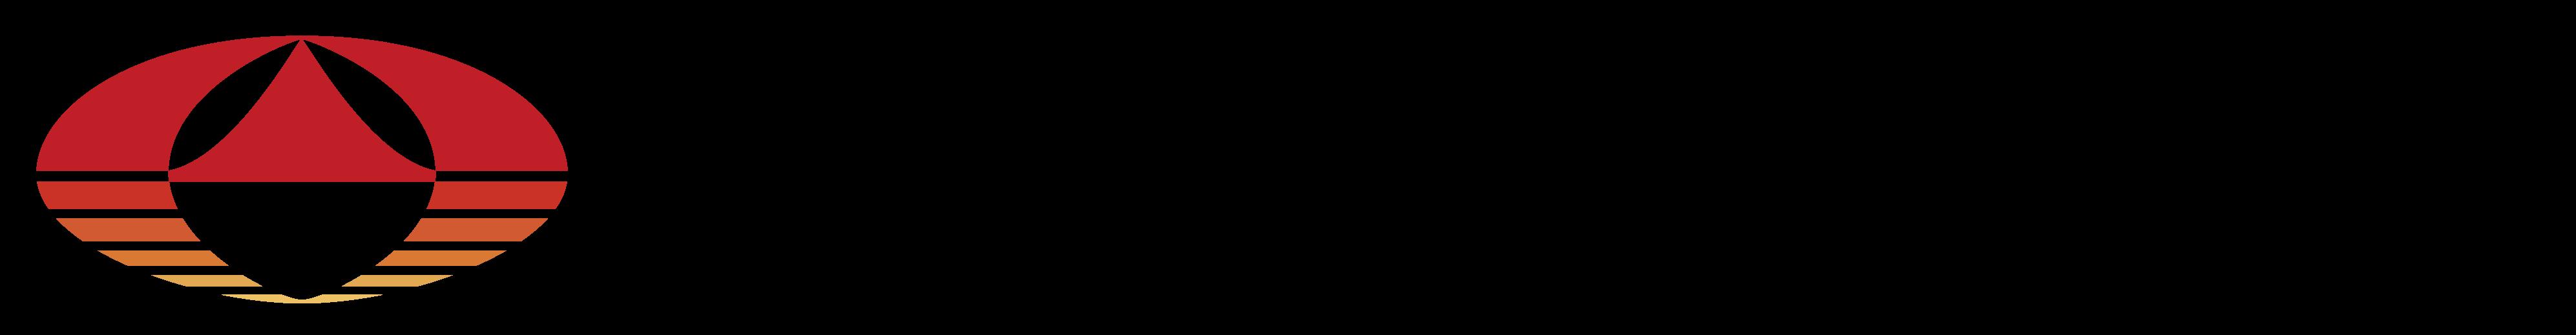 メタロ・バランス検査導入のご案内サイト